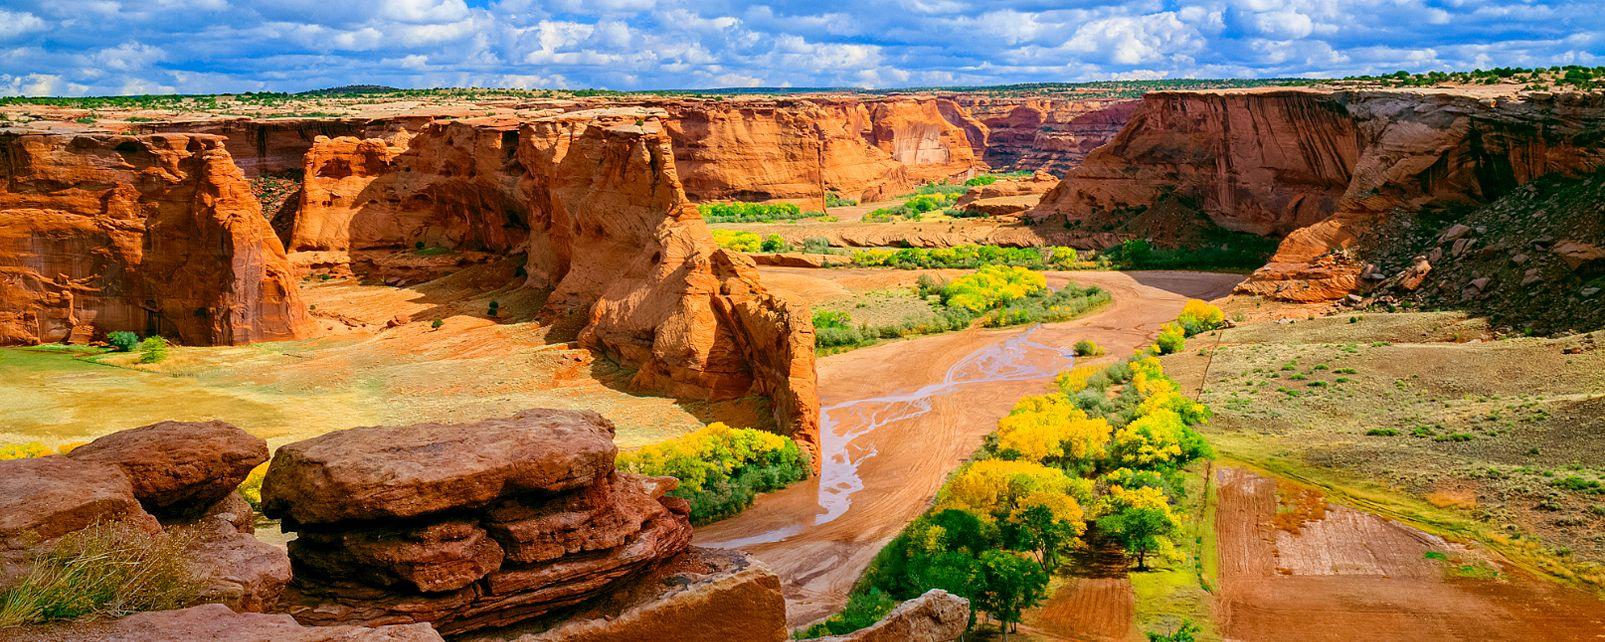 , Le canyon du Chelly, Les paysages, L'ouest des Etats-Unis